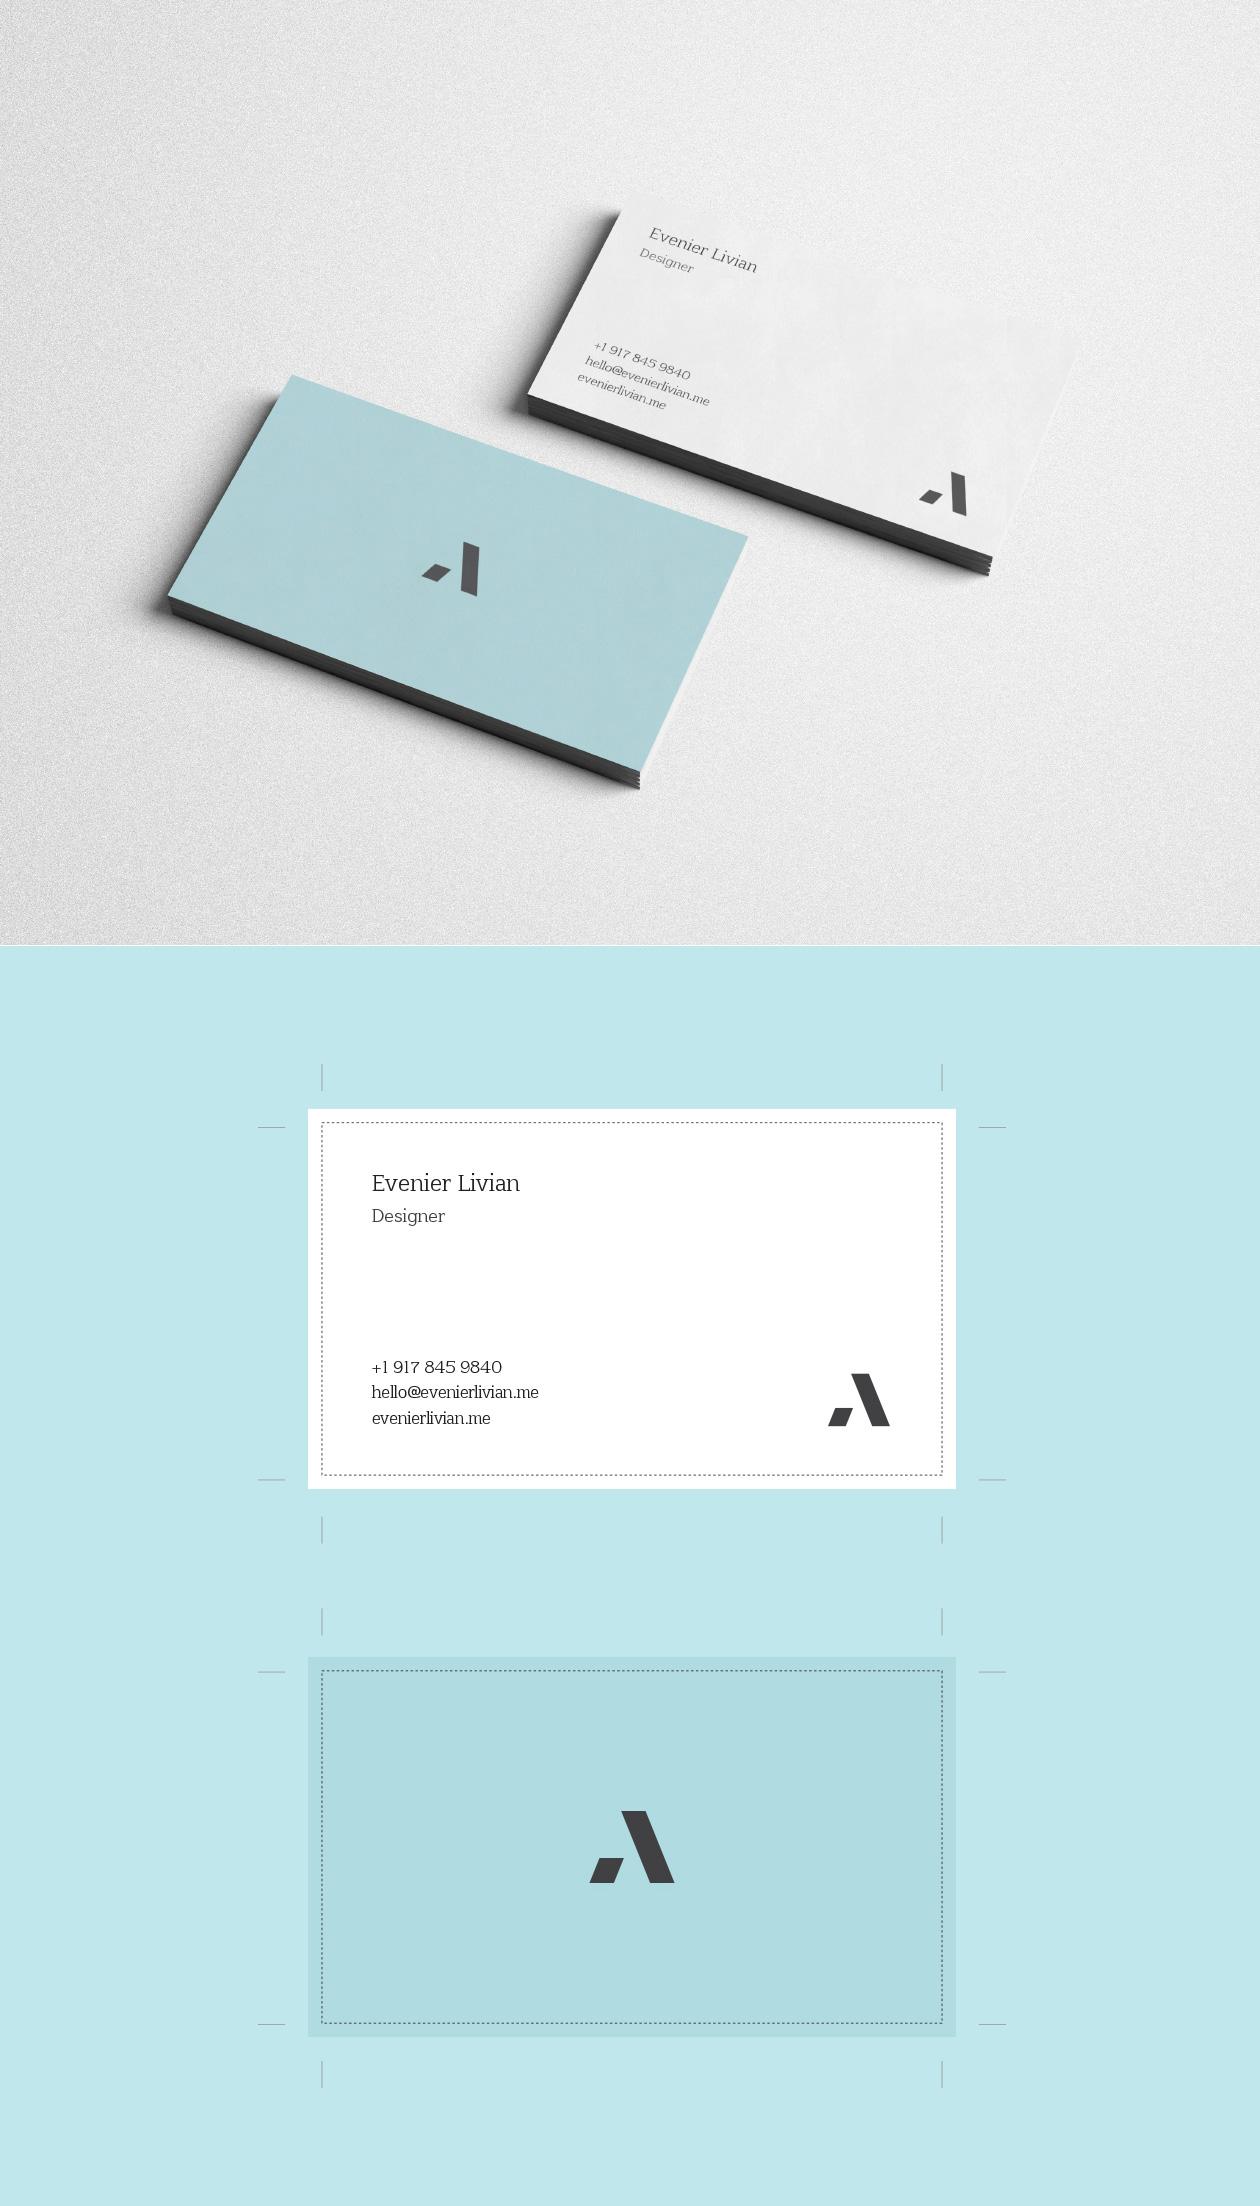 清新时尚的极简主义名片模版下载[ai格式]设计素材模板